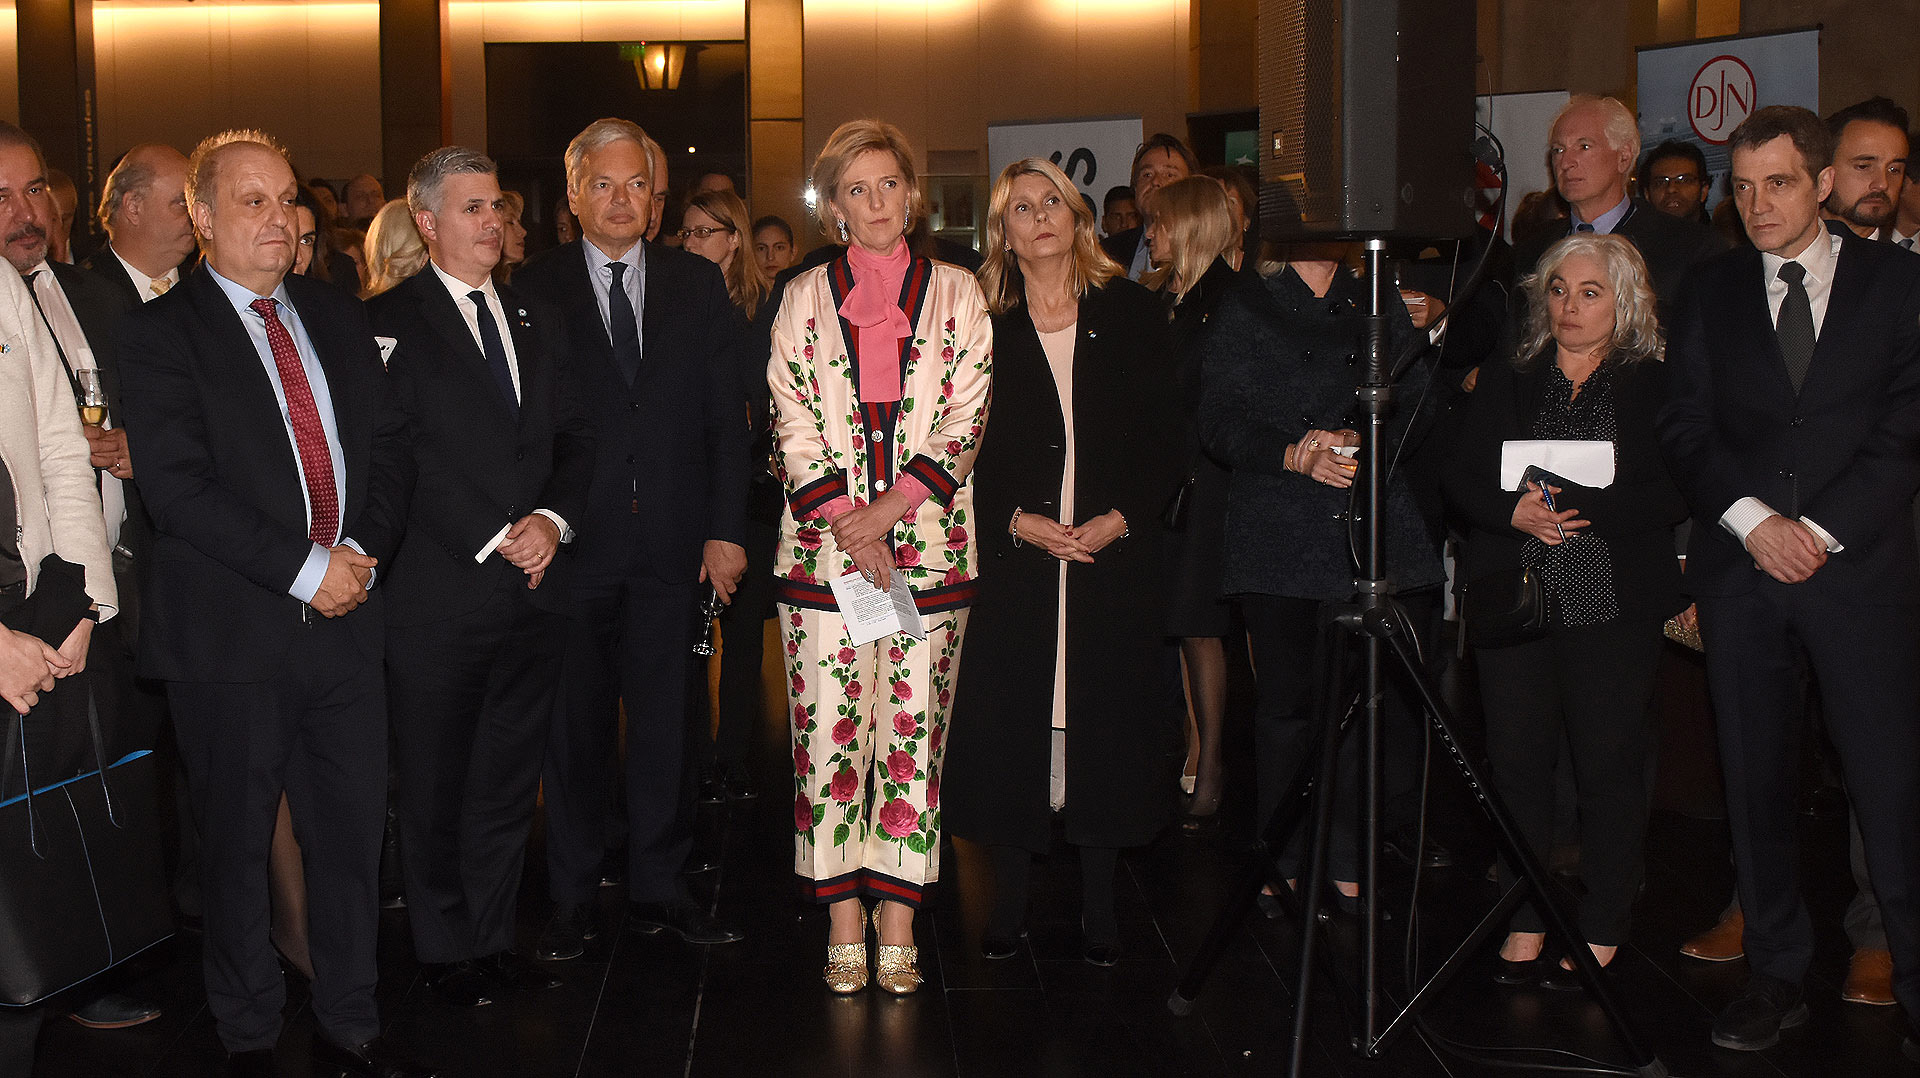 La Misión Económica Belga, que acompaña a la princesa por Argentina y Uruguay, cuenta con unos 200 participantes, entre ellos, 134 empresarios de 94 compañías